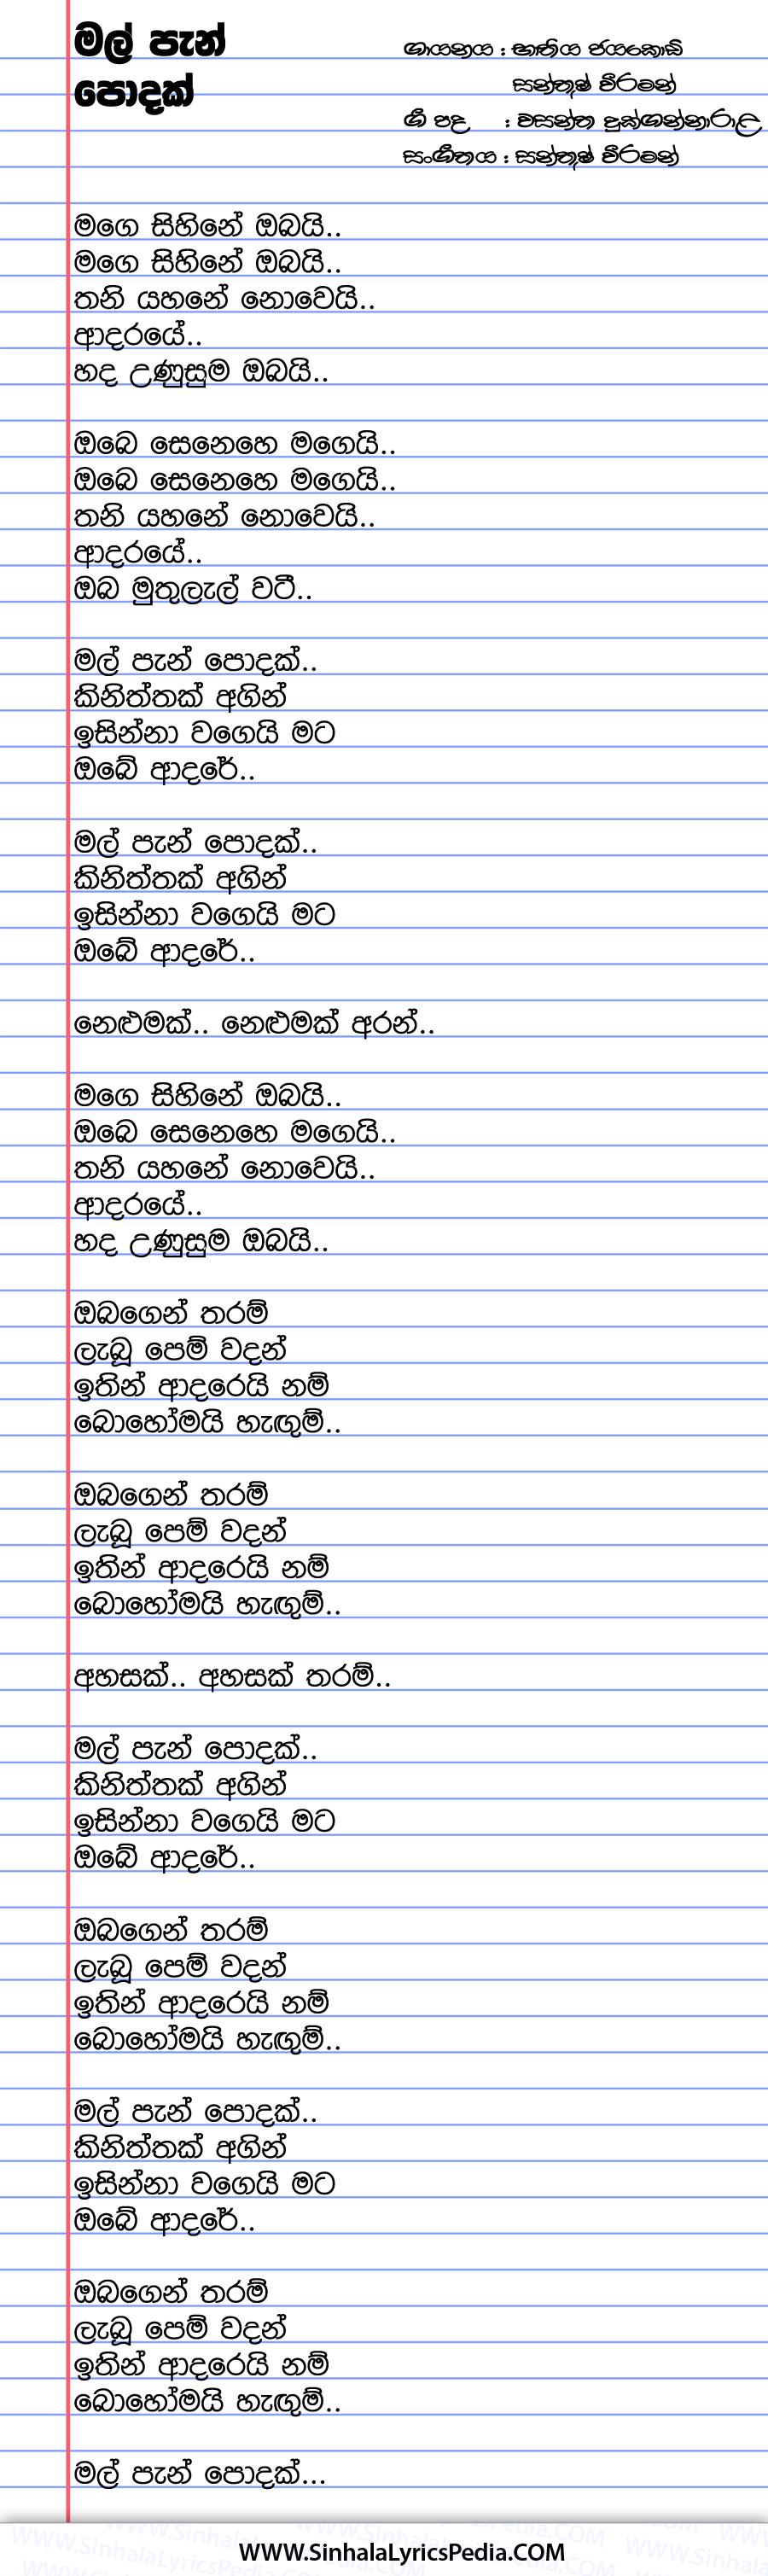 Mal Pan Podak (Mage Sihine Obai) Song Lyrics